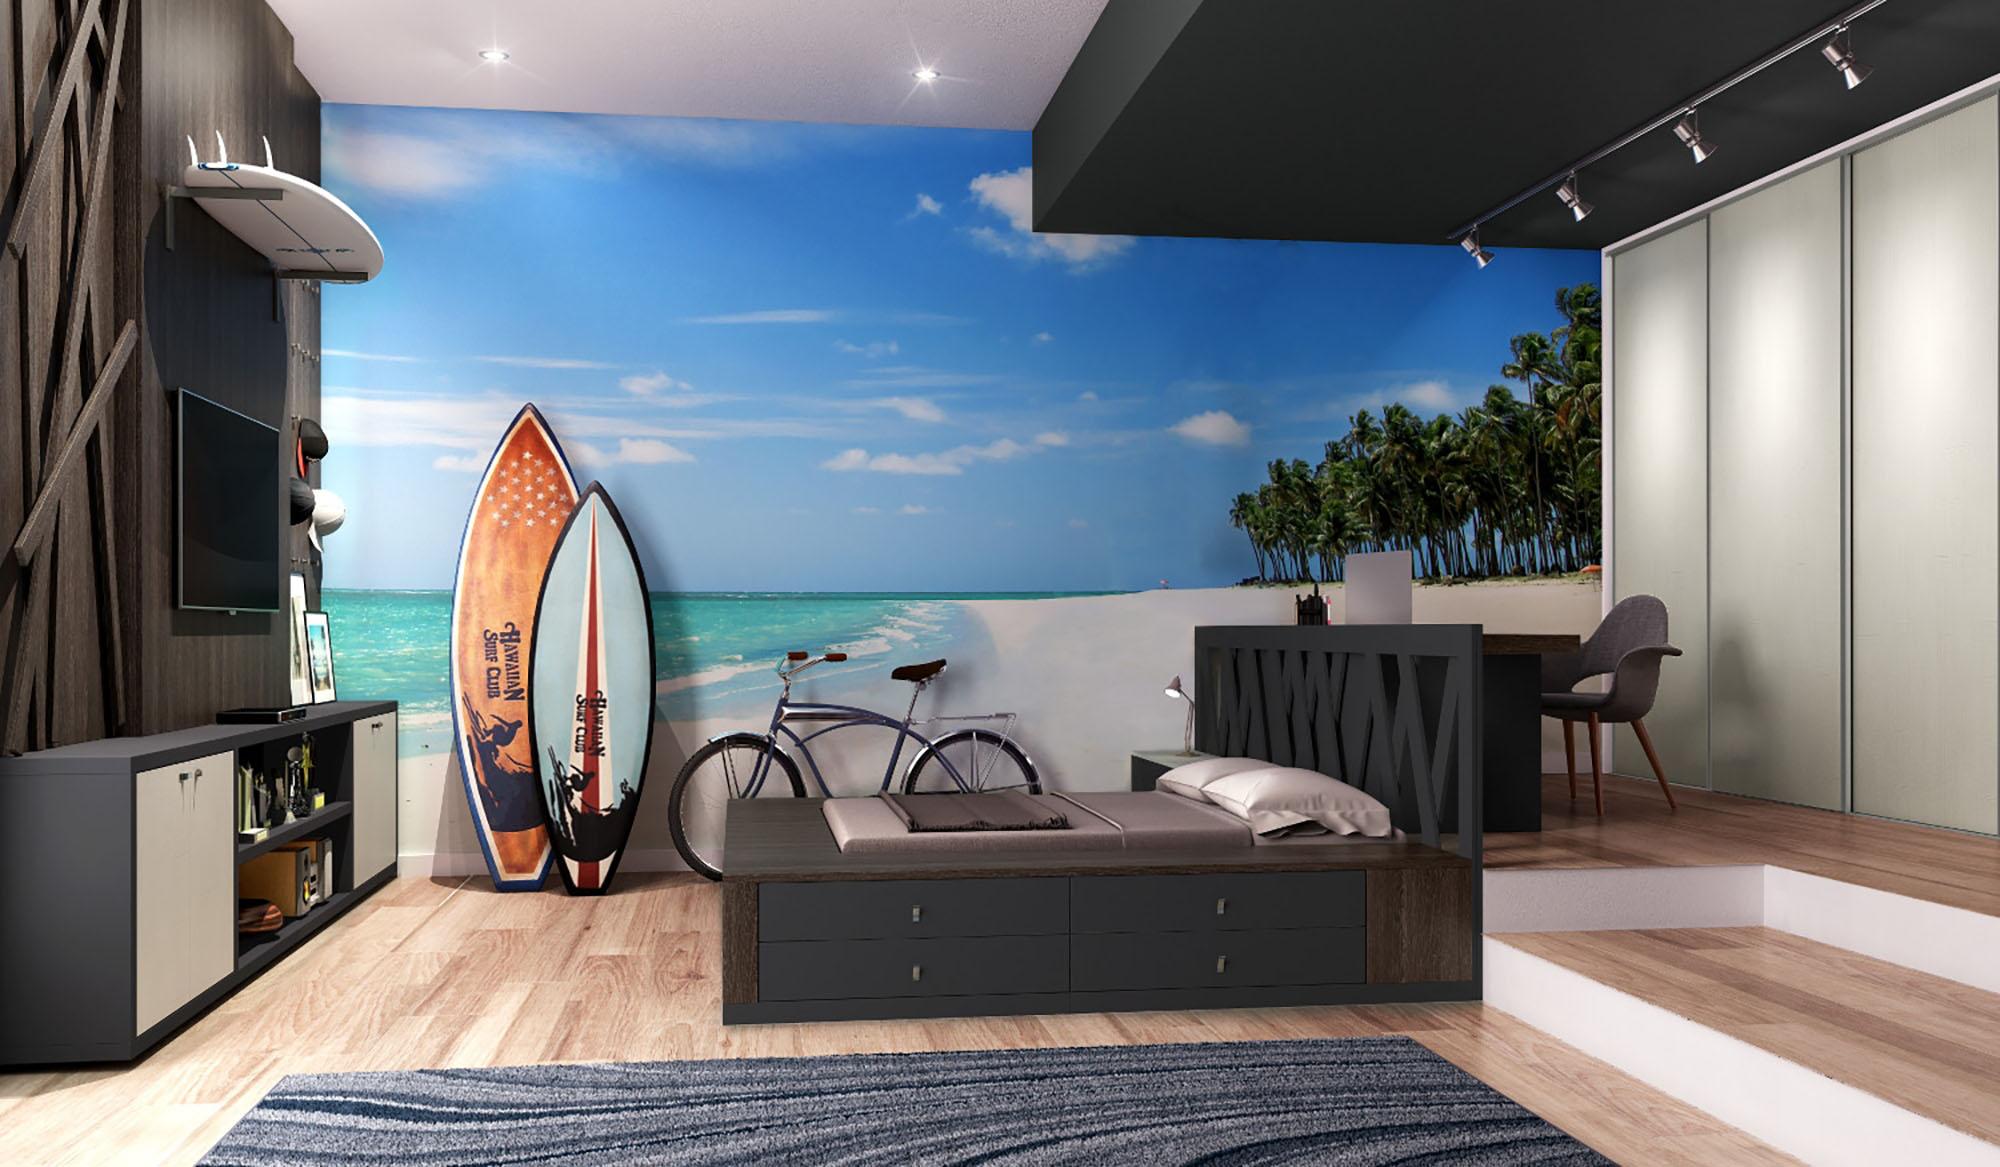 Móveis planejados - Dormitório 3